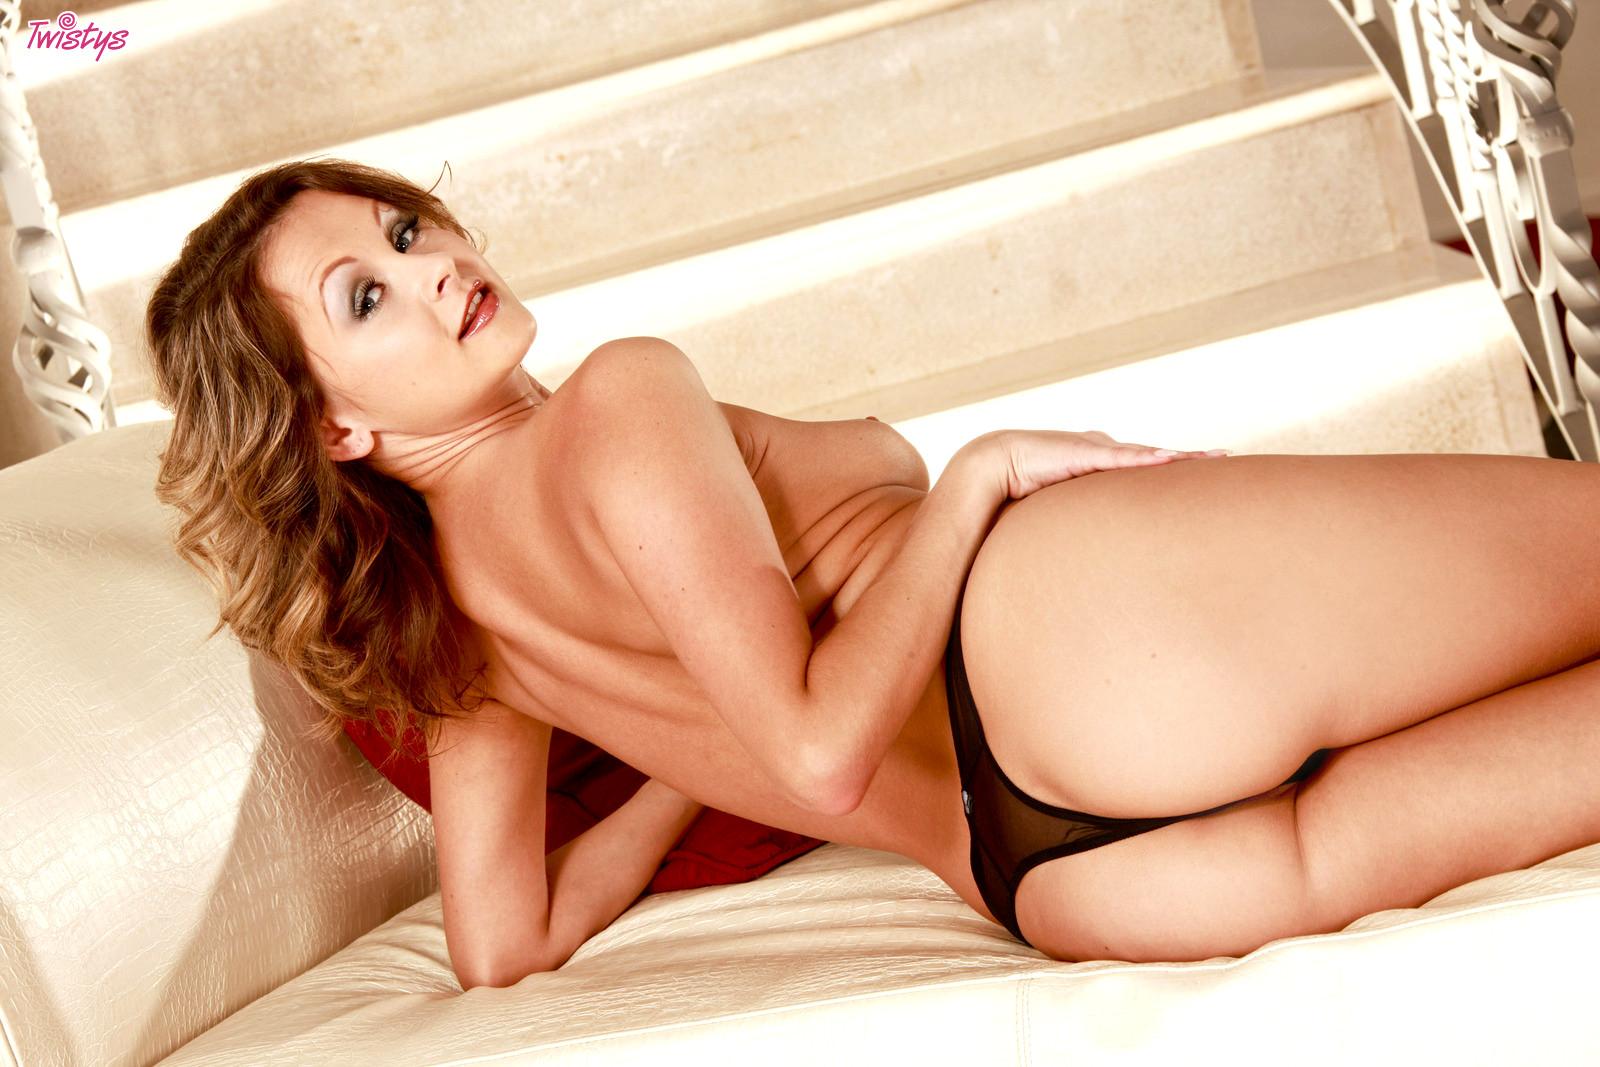 Latina escort sofia char tries porn_6370